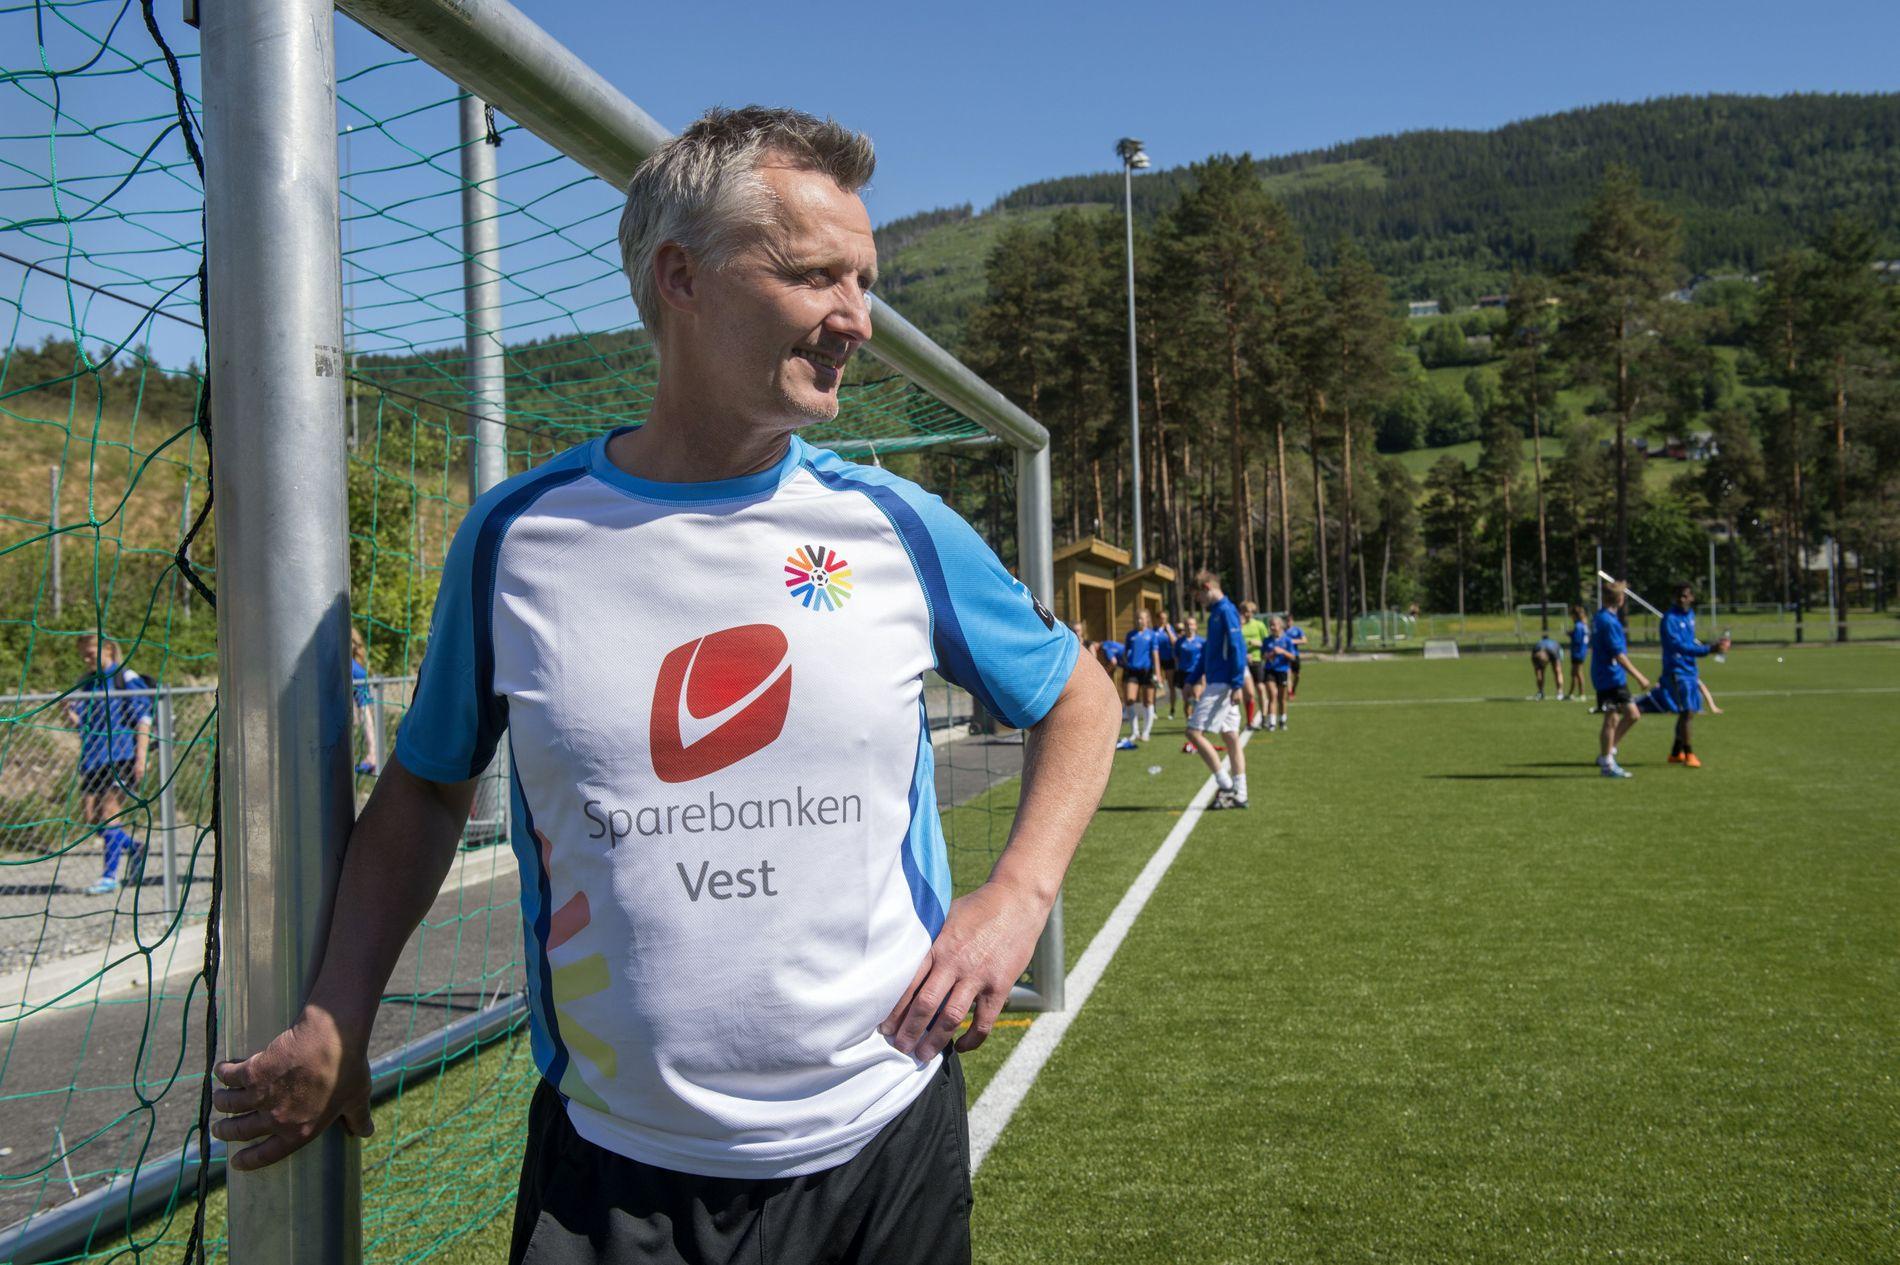 TURNERINGSLEIAR: Arne Førde seier at Voss Cup-leiinga har fått fleire henvendingar etter den kritiske situasjonen på Askøy.